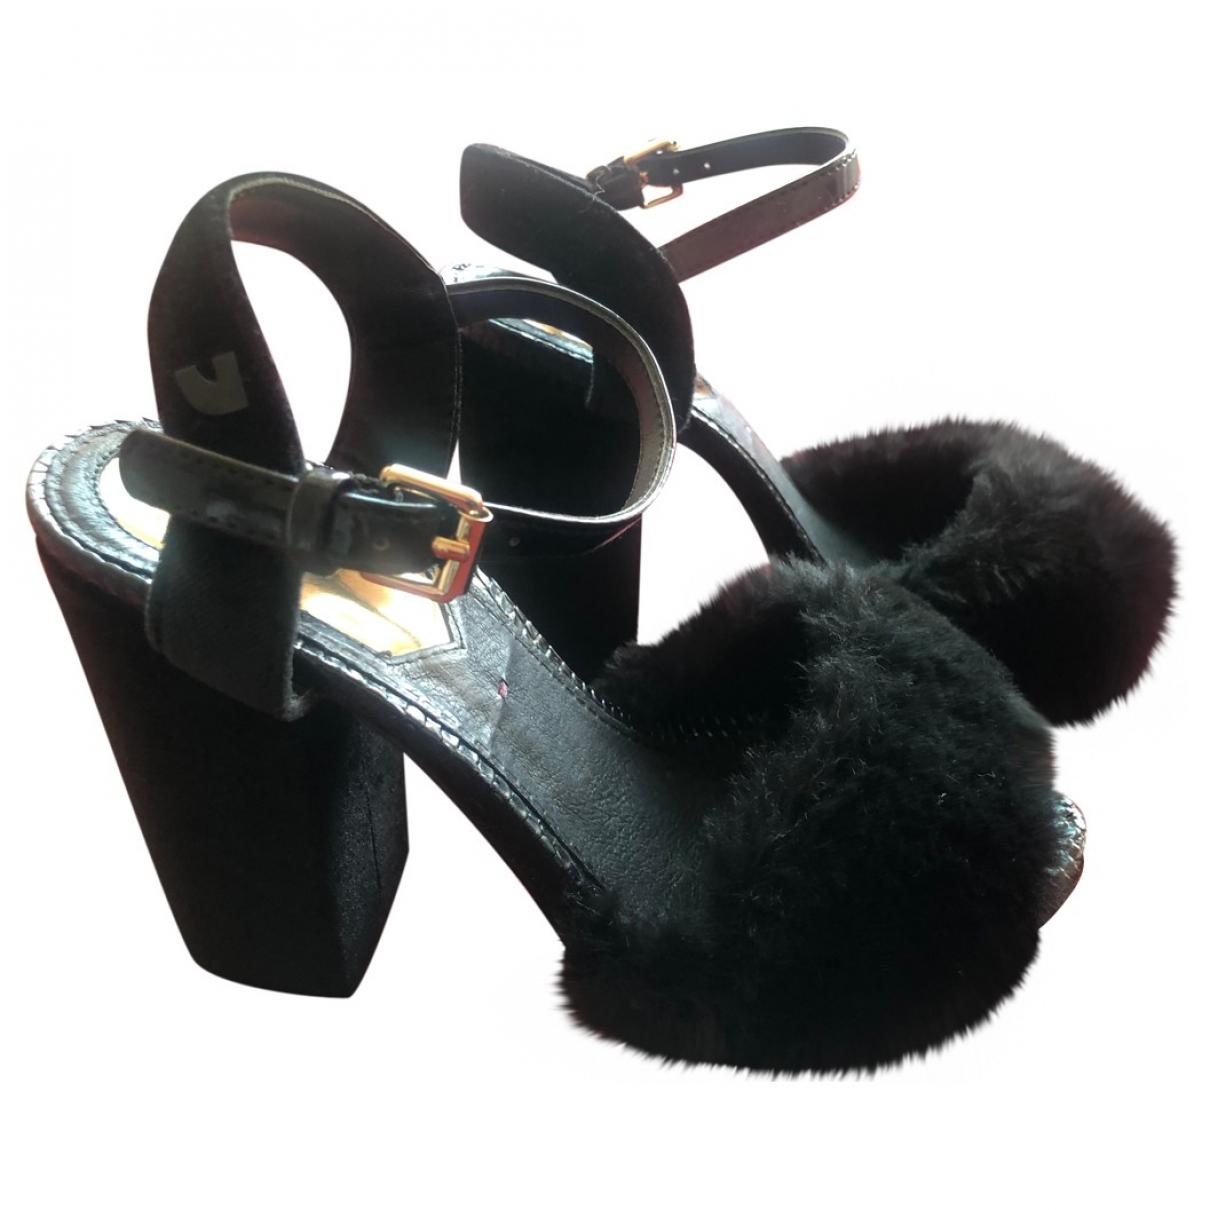 Gioseppo - Sandales   pour femme en fourrure synthetique - noir